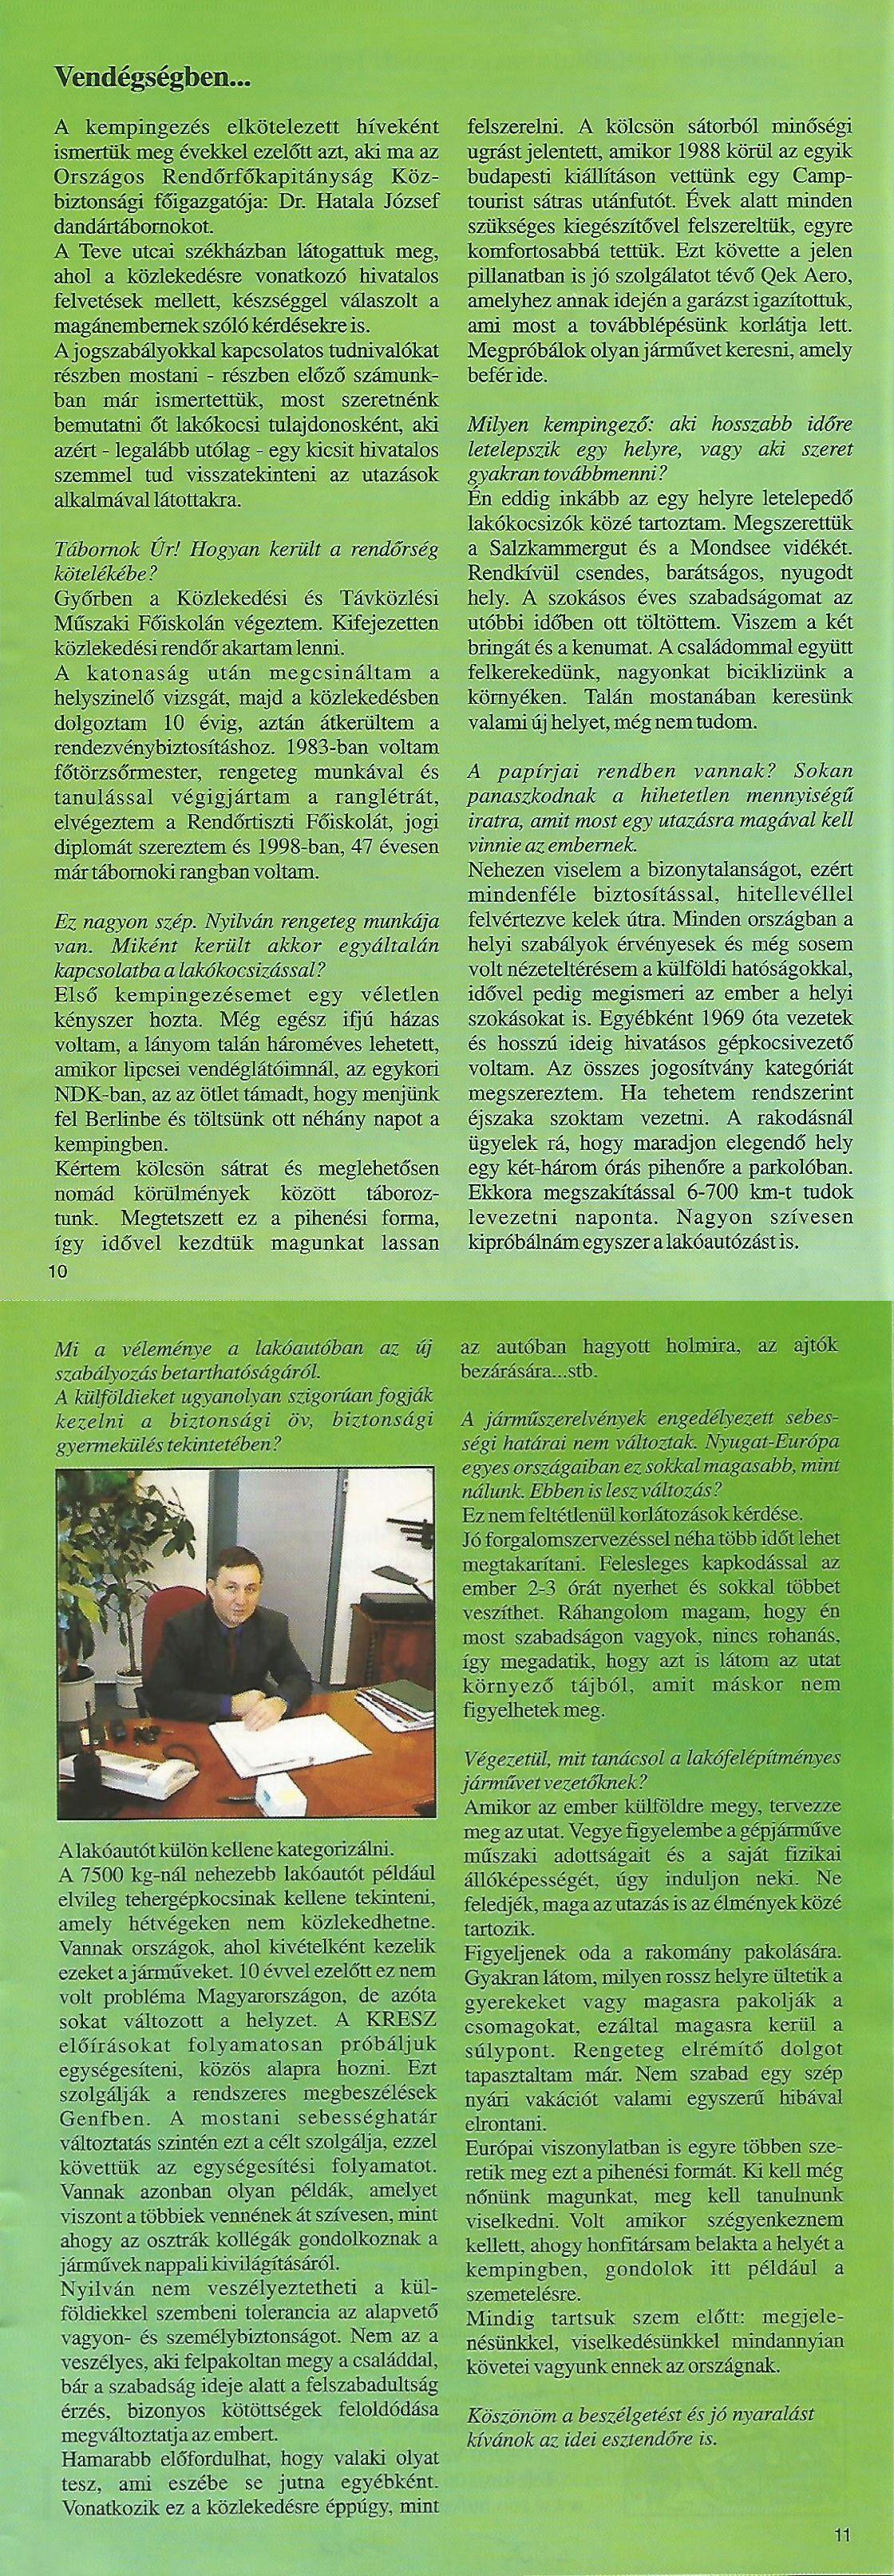 Karavándor magazin 2001. Nyár, Beszélgetés Dr. Hatala Józseffel